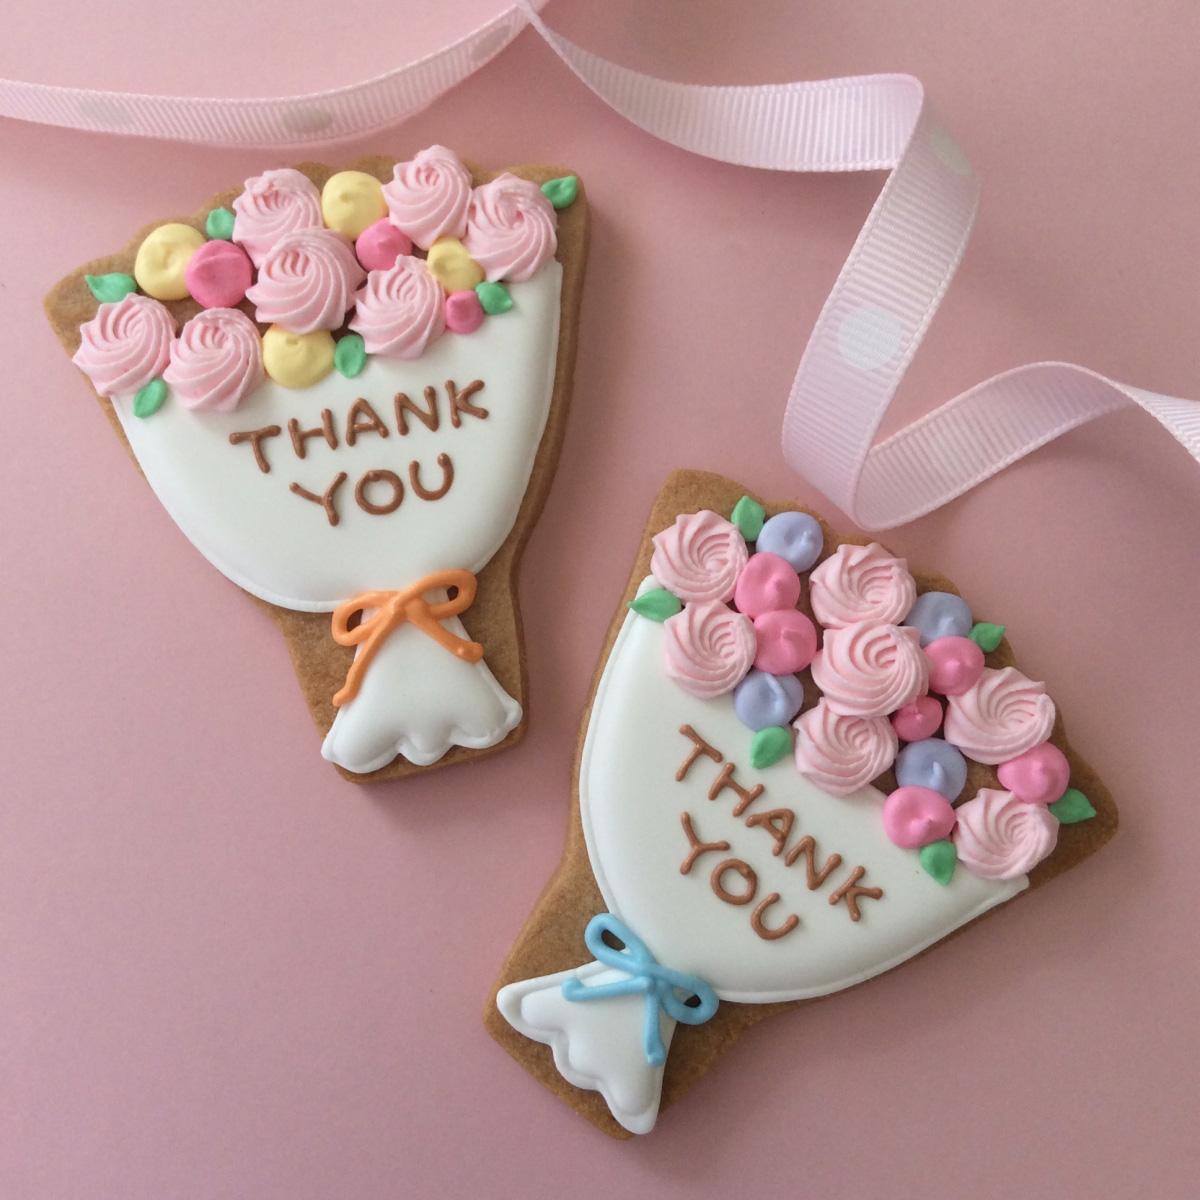 オンライン商品)Thank you ブーケクッキー